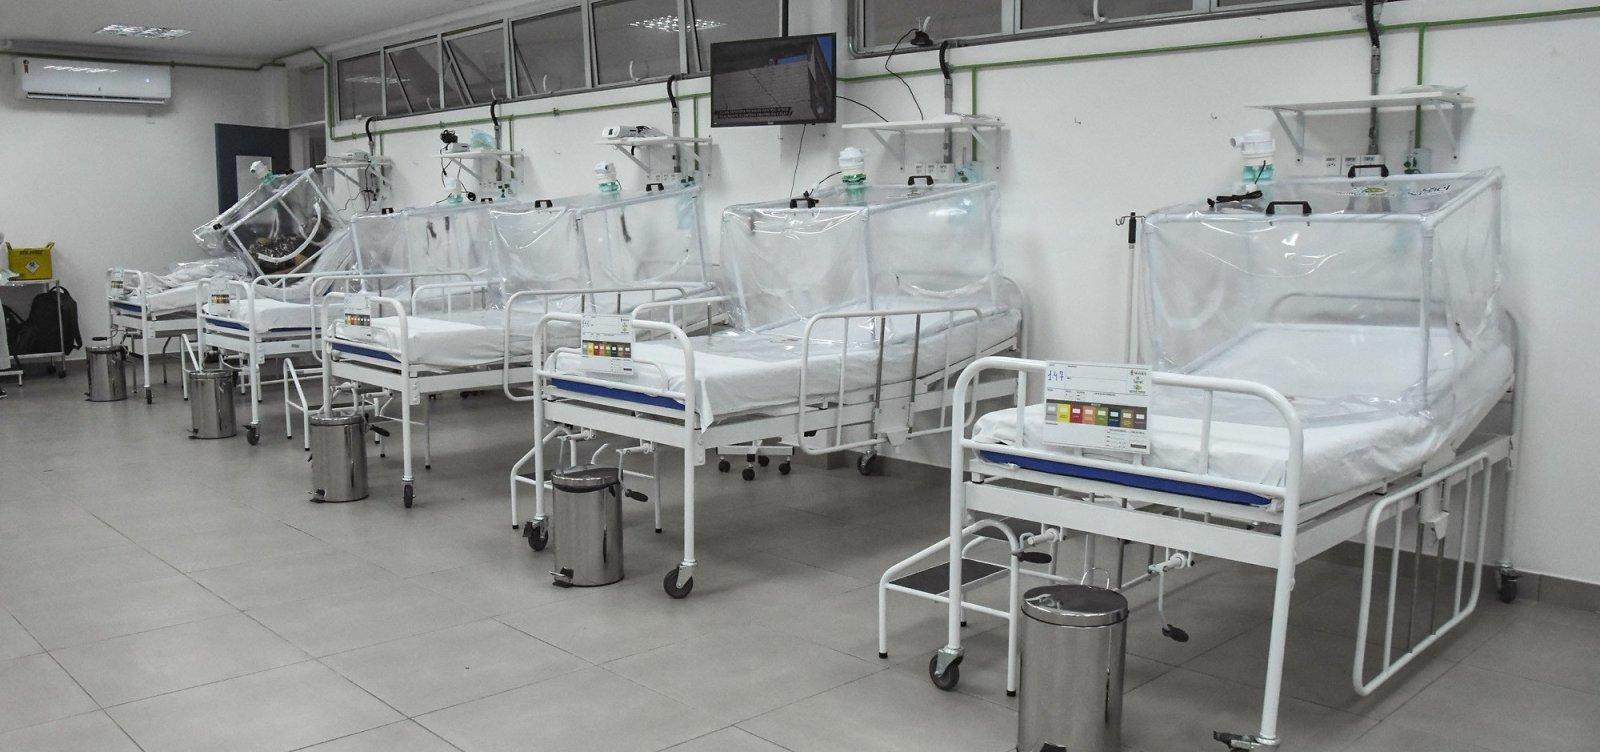 [Manaus encerra atividades em hospital de campanha para Covid-19 após zerar pacientes na unidade]